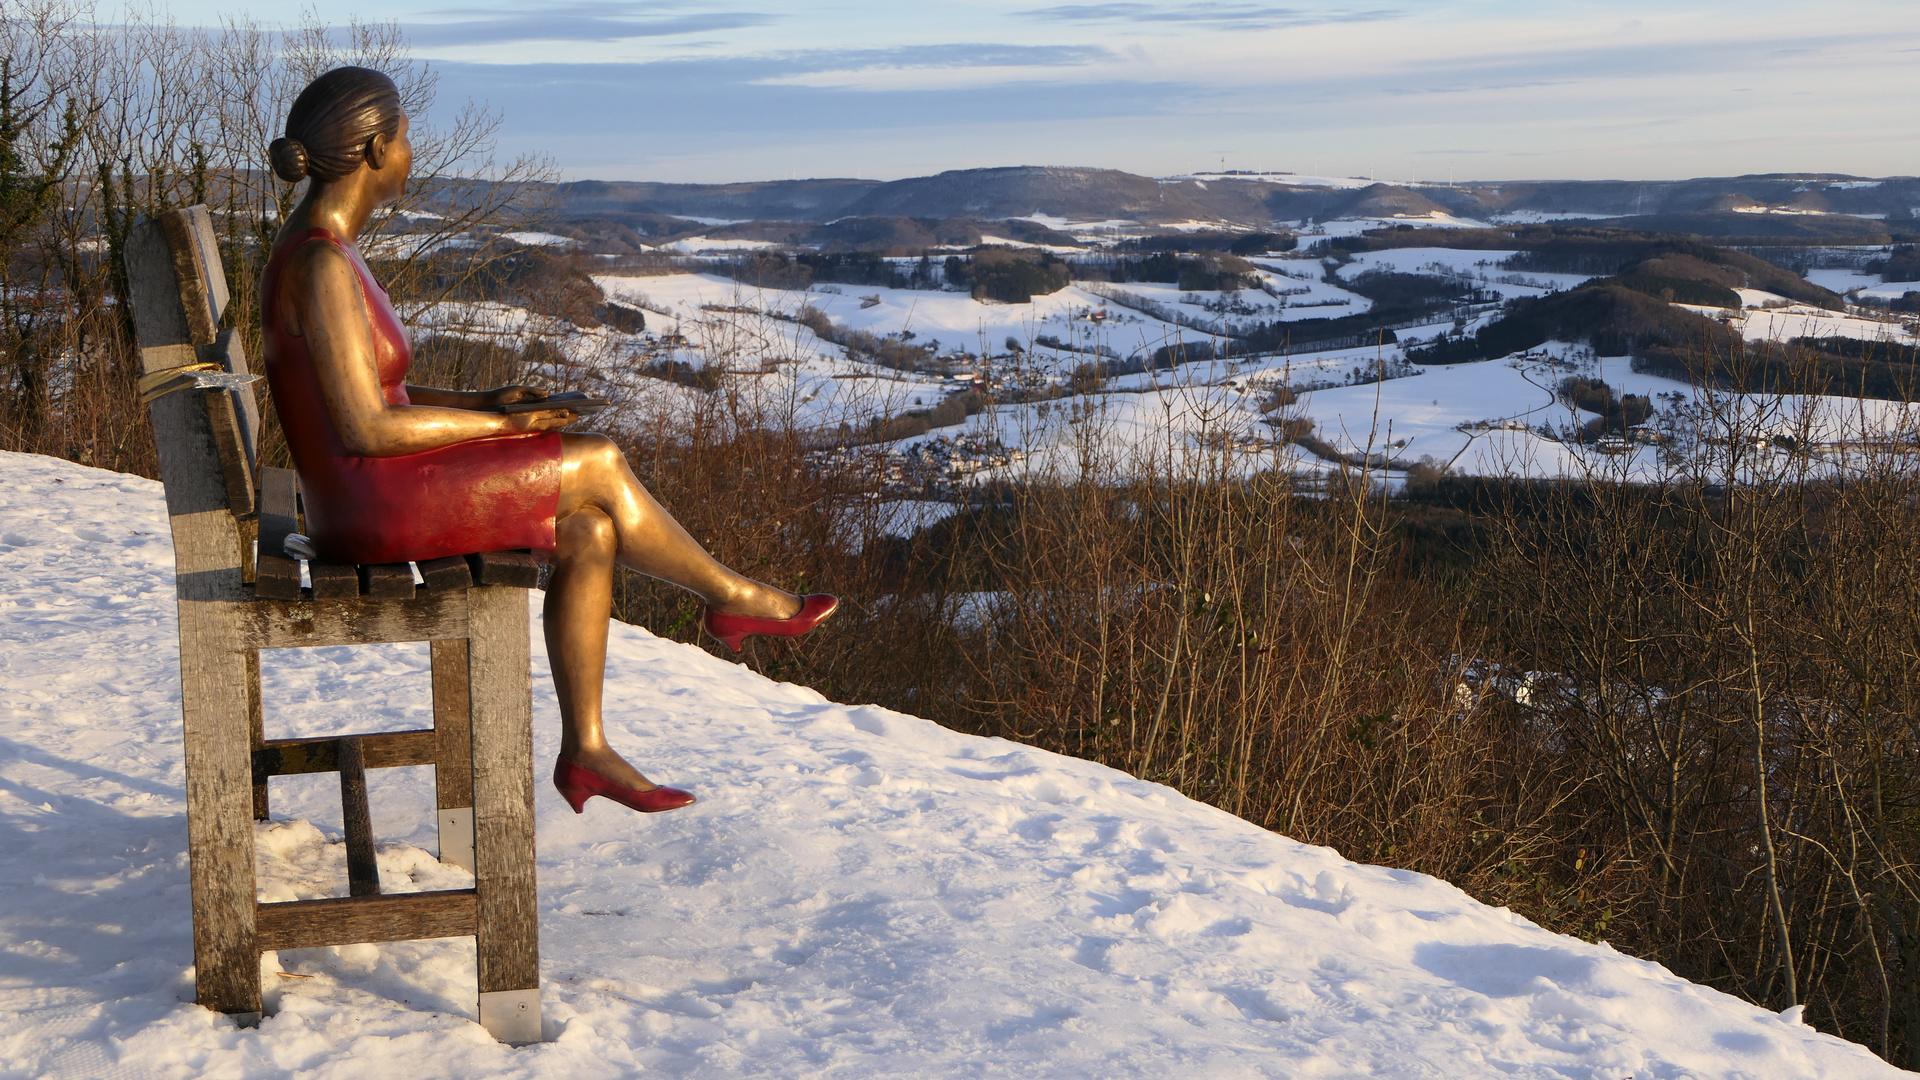 2021-01-20; Aussichtspunkt mit Ruhebank und Skulptur auf dem Hohenstaufen